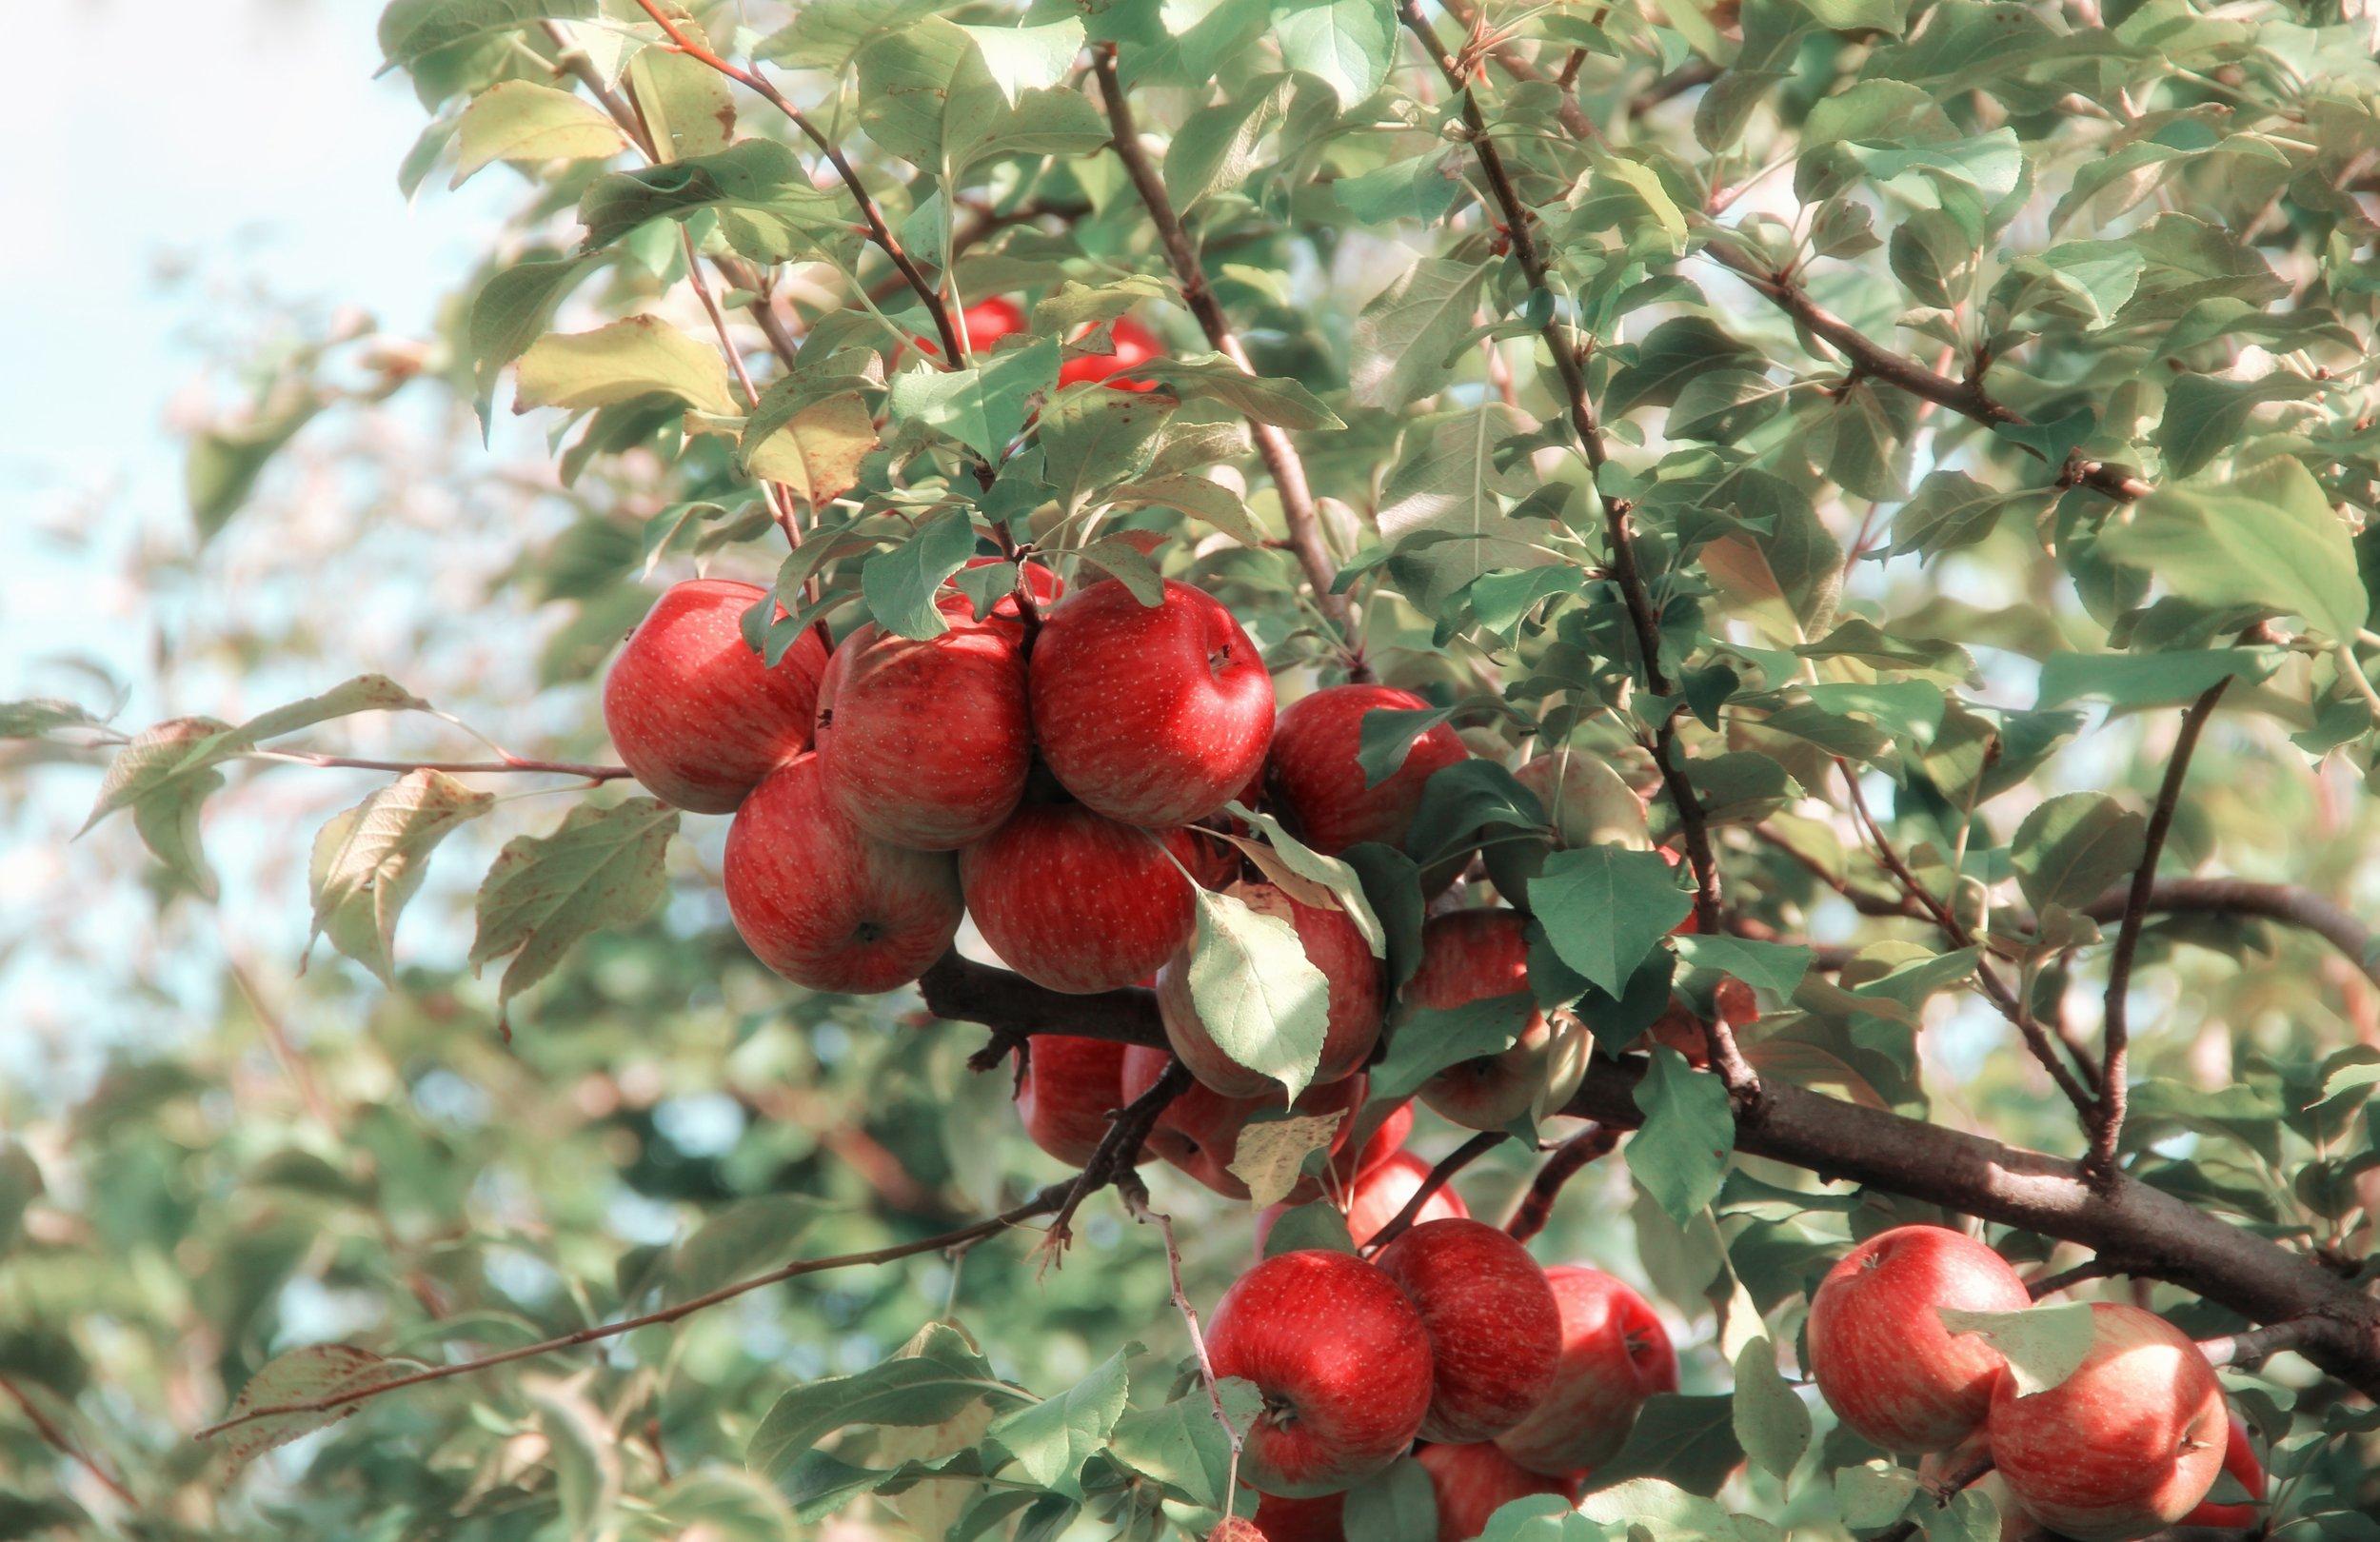 apple-branch-crop-635705.jpg